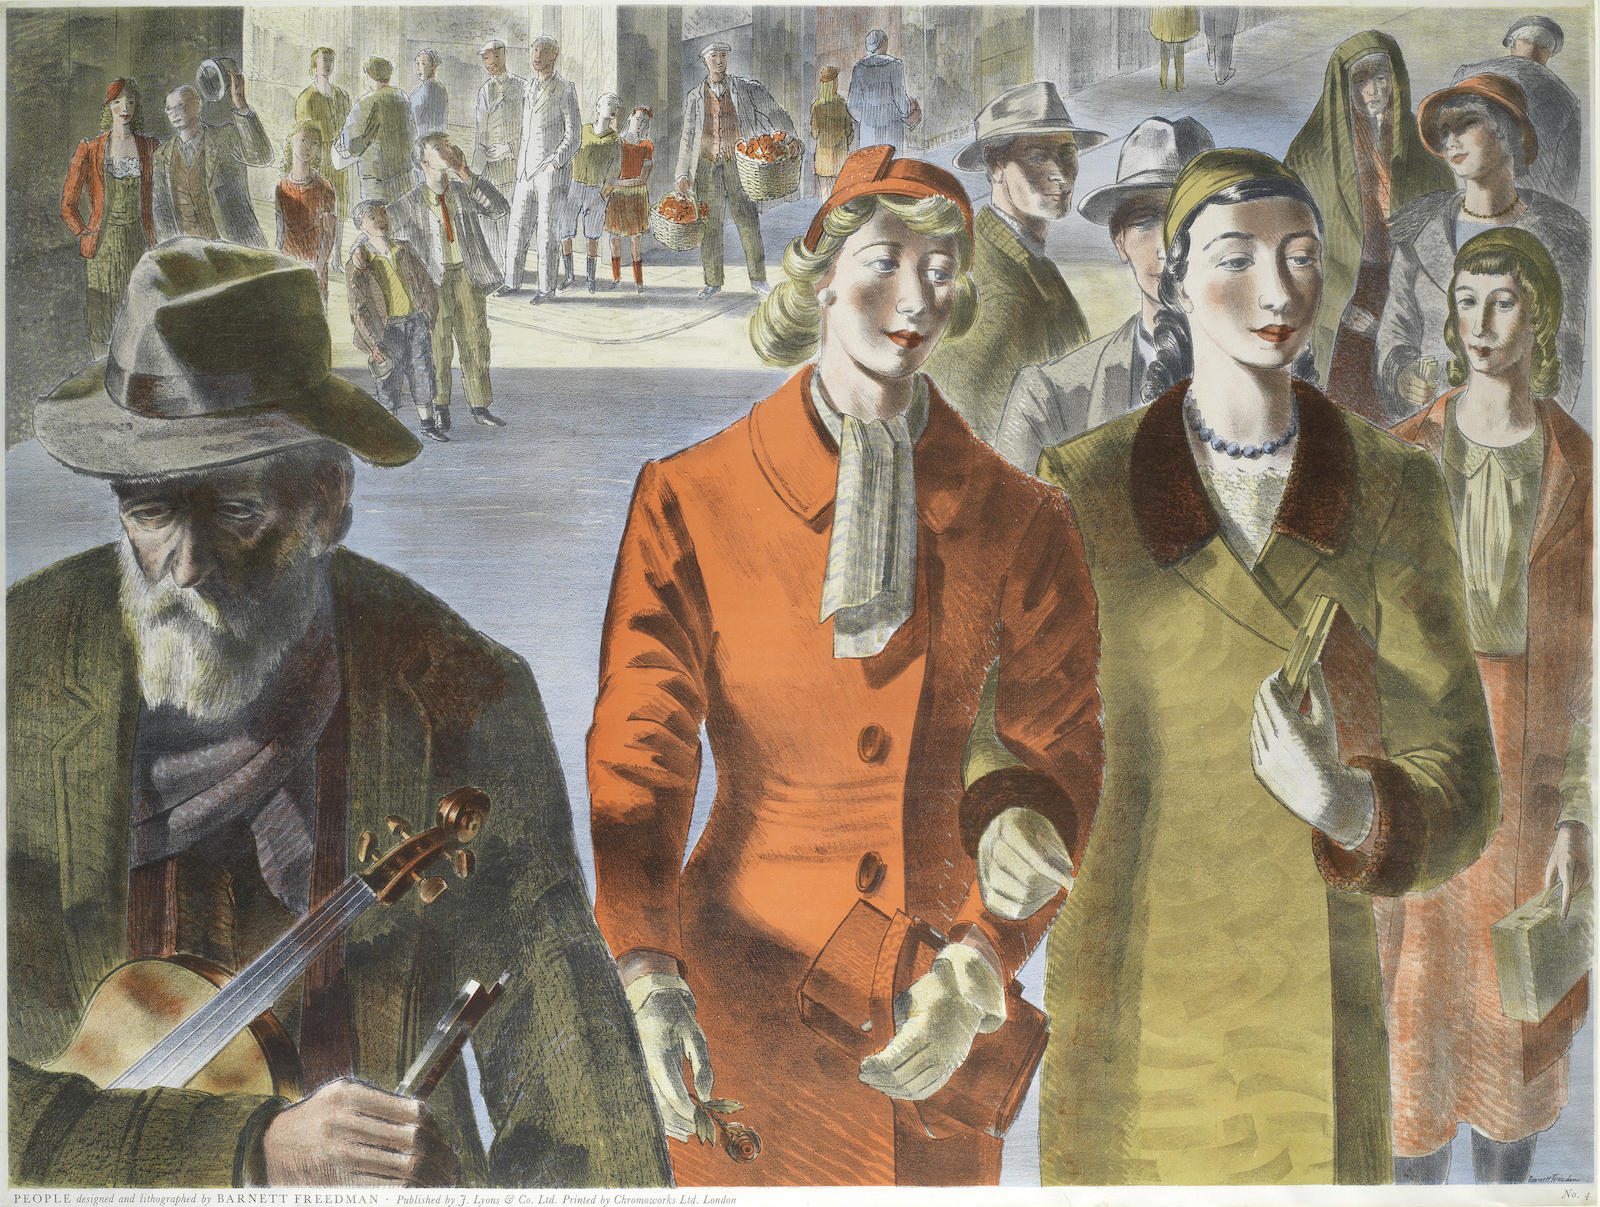 Barnett Freedman-People-1947